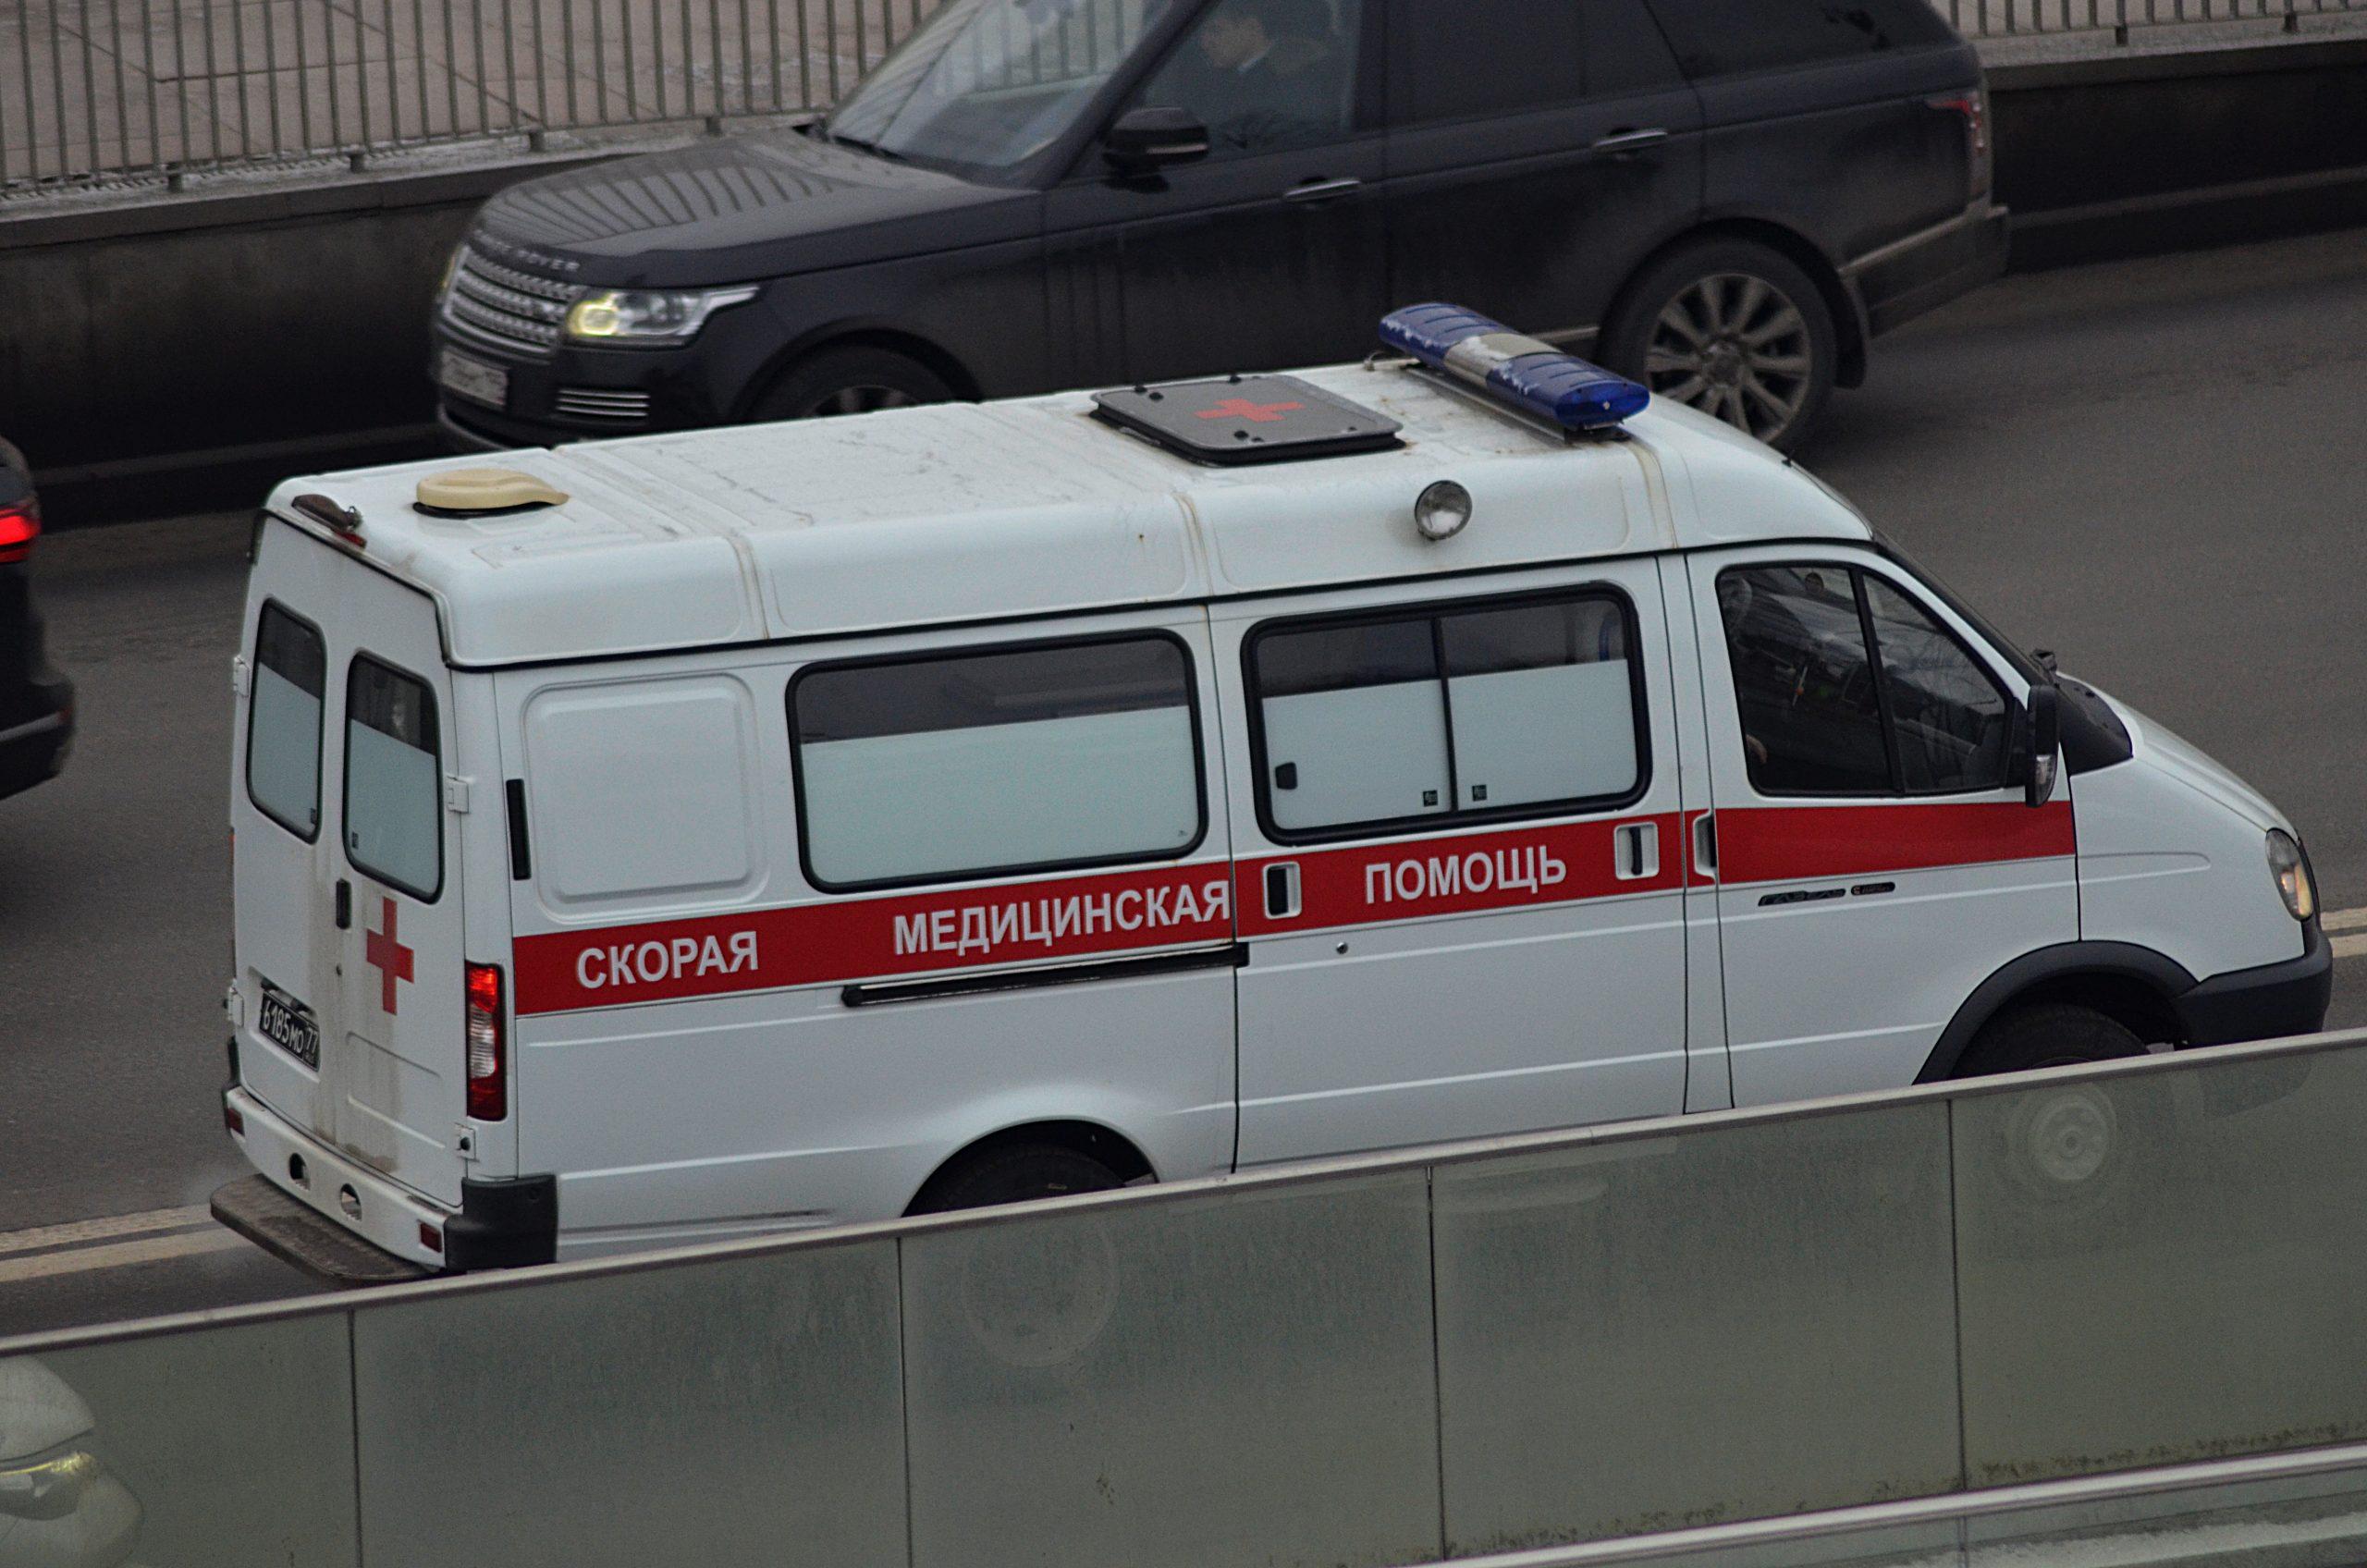 Новый уровень скорой помощи